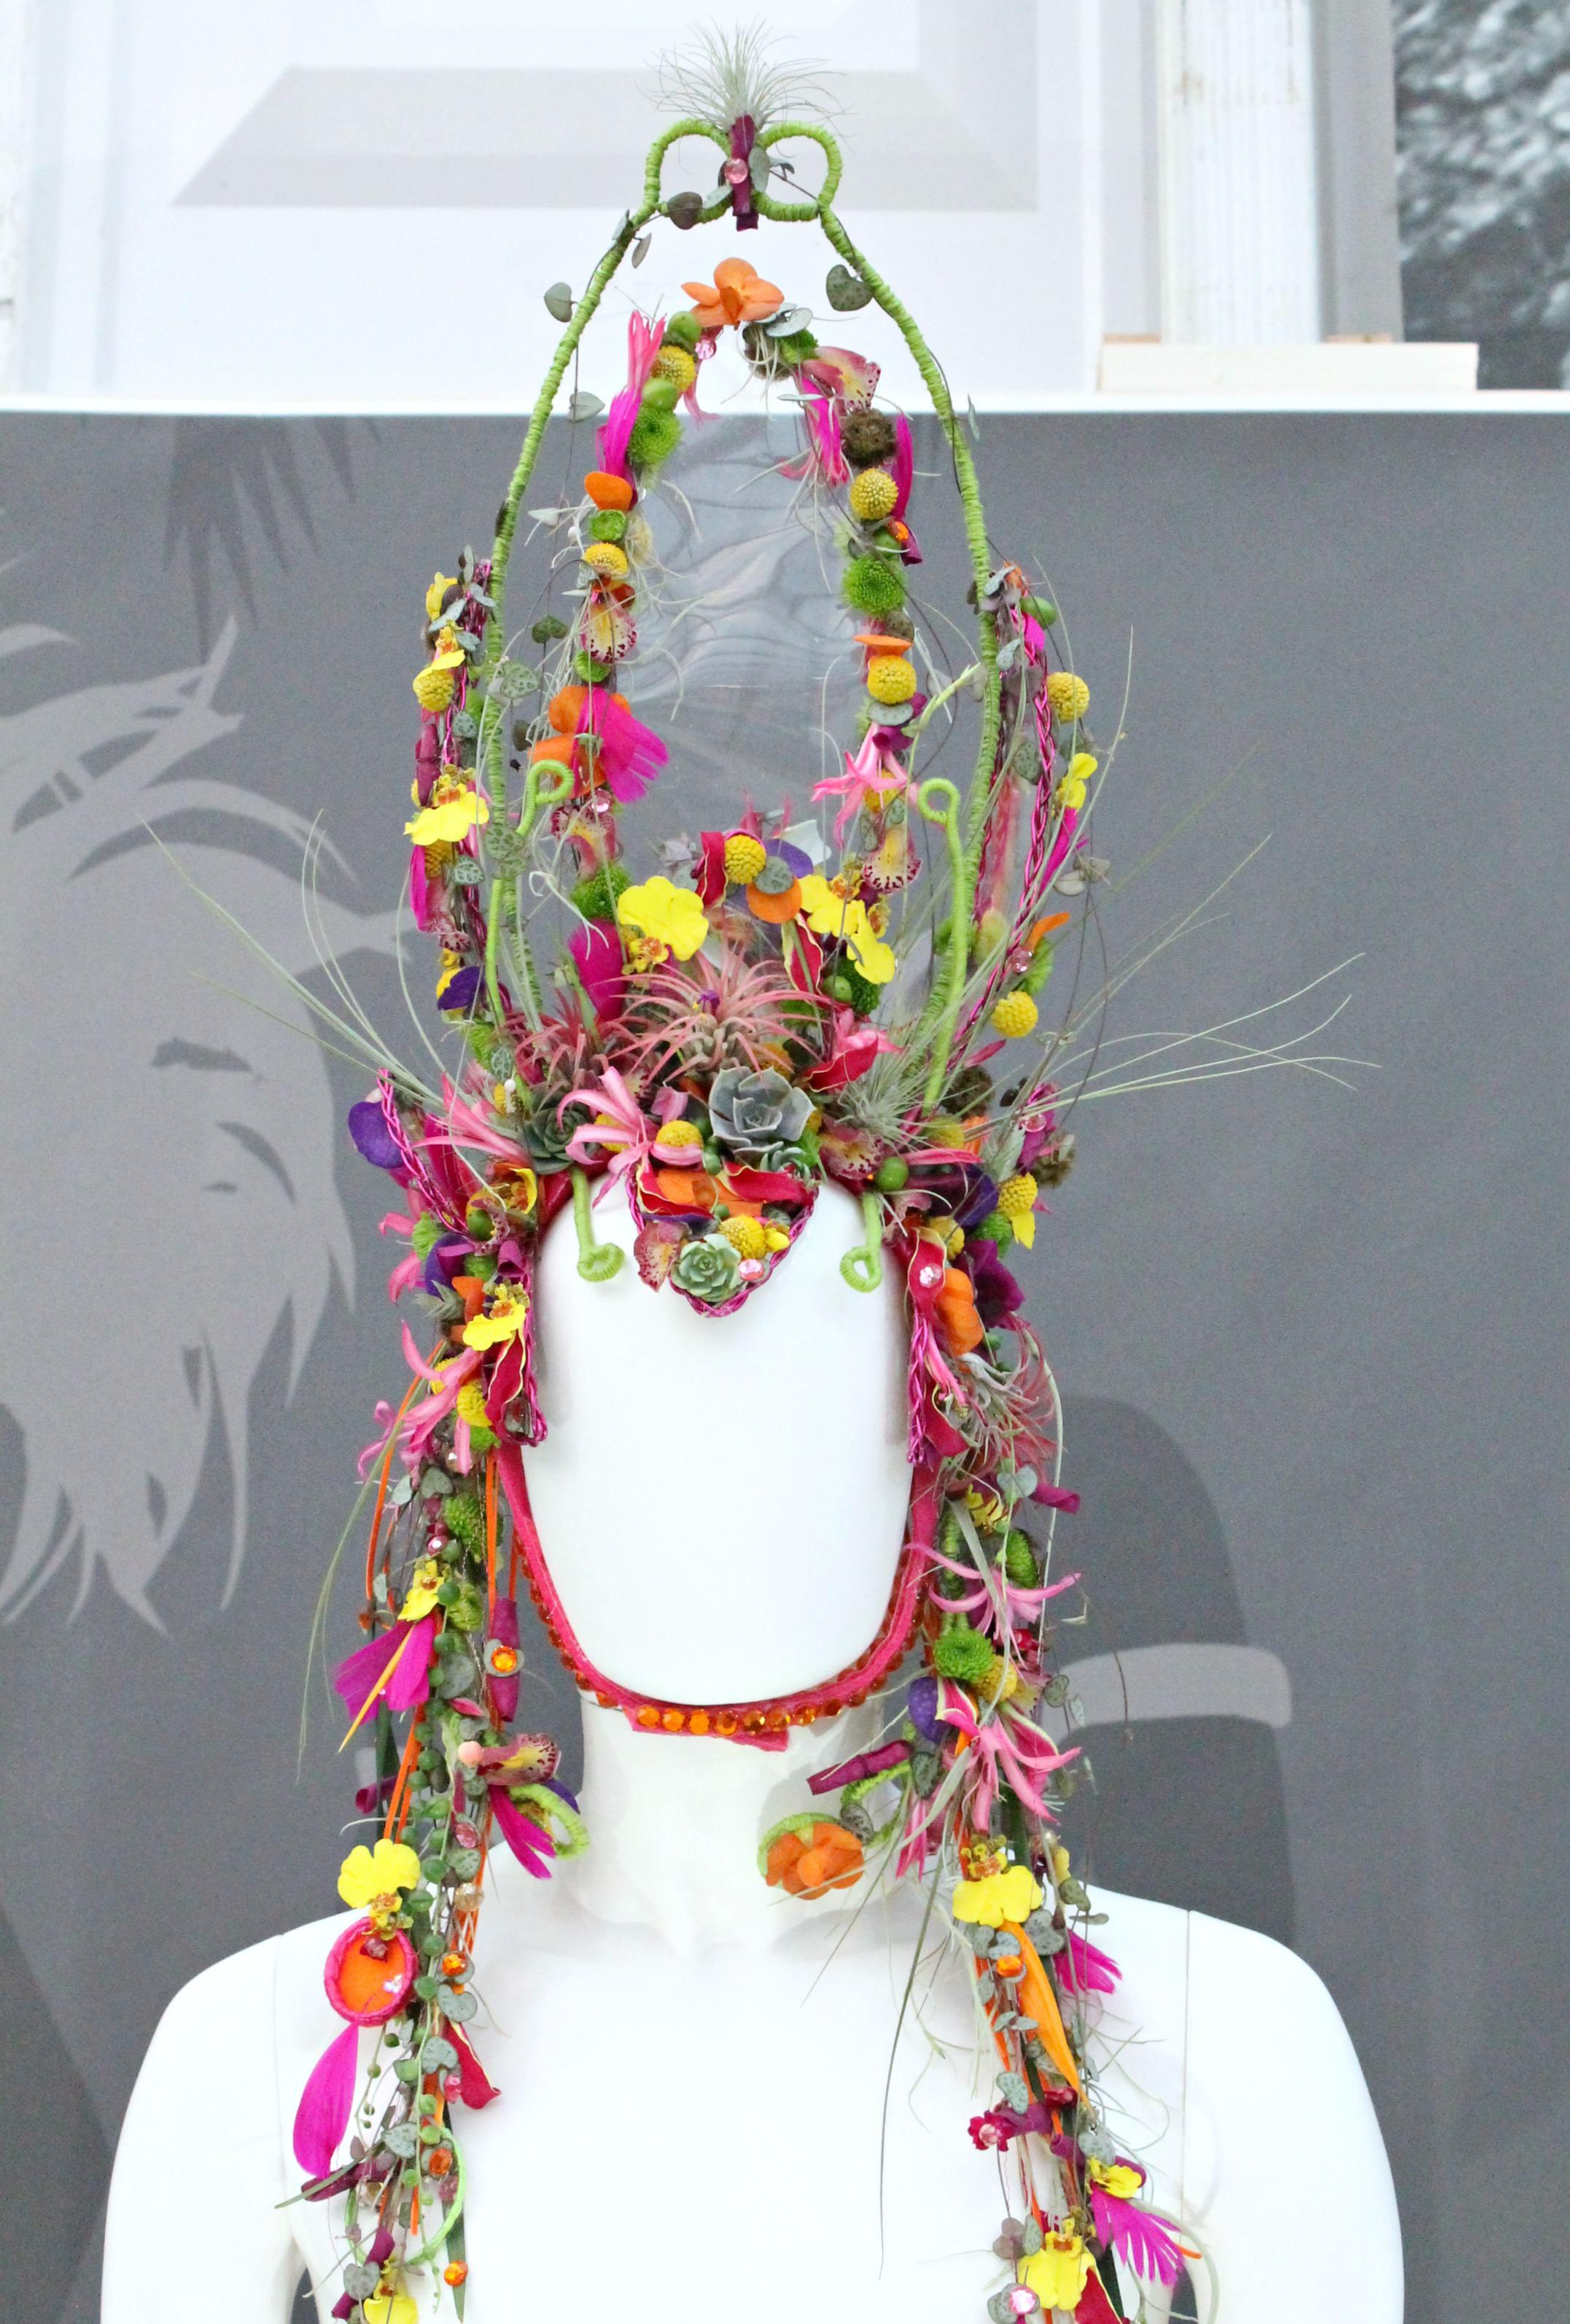 Fleurtatious-Karen-Massey-Chelsea-flower-show-photo-by-Geraldine-Tan-Little-Big-Bell